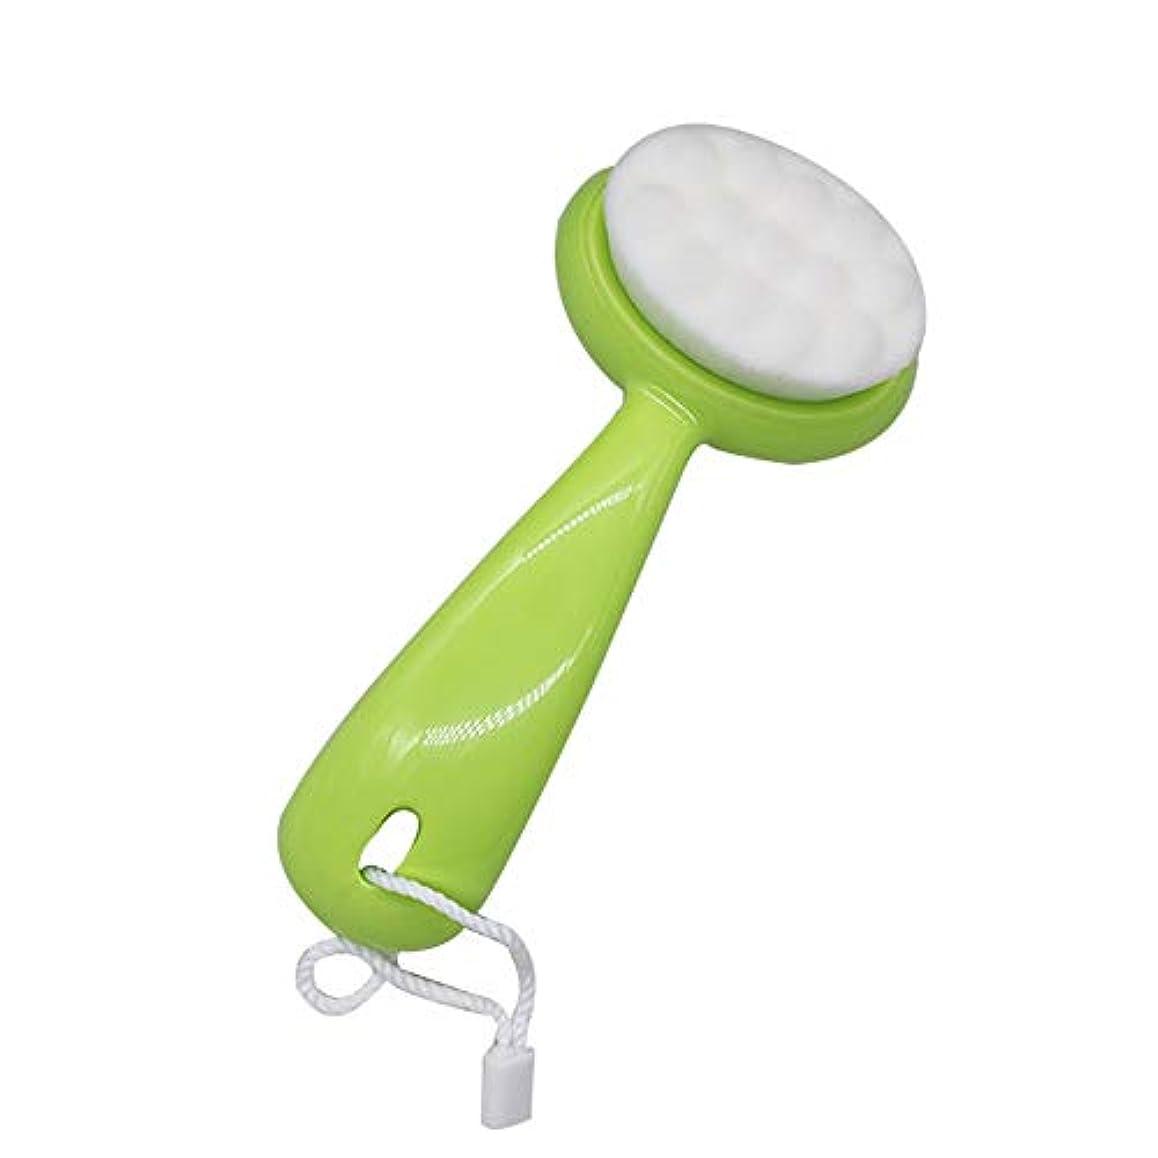 テレビを見る標準レビューLYX ブラシ、マニュアルロングハンドル、ソフトの髪、クレンジングブラシ、ディープ毛穴クリーニングブラシ、クレンジング器、ブラックヘッド洗浄器の洗浄 (Color : 緑)